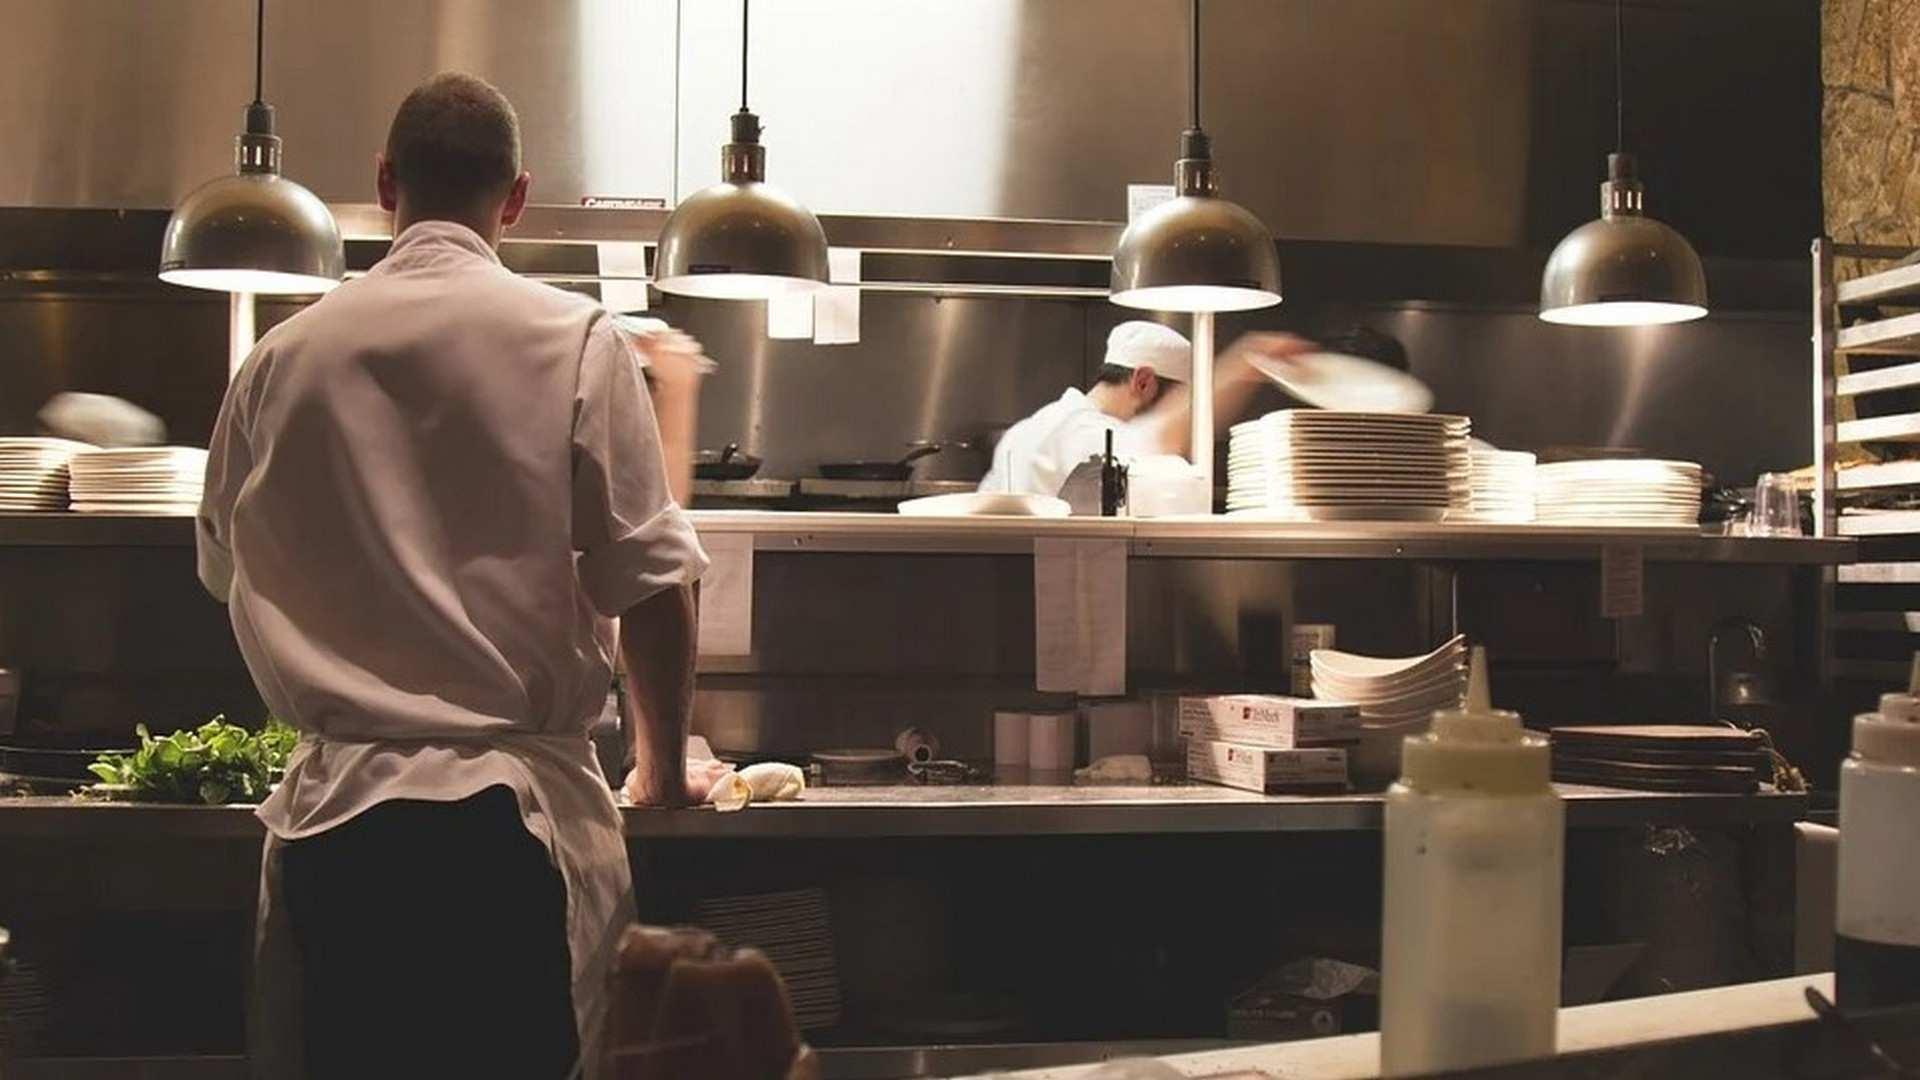 El futuro incierto de las Dark Kitchen